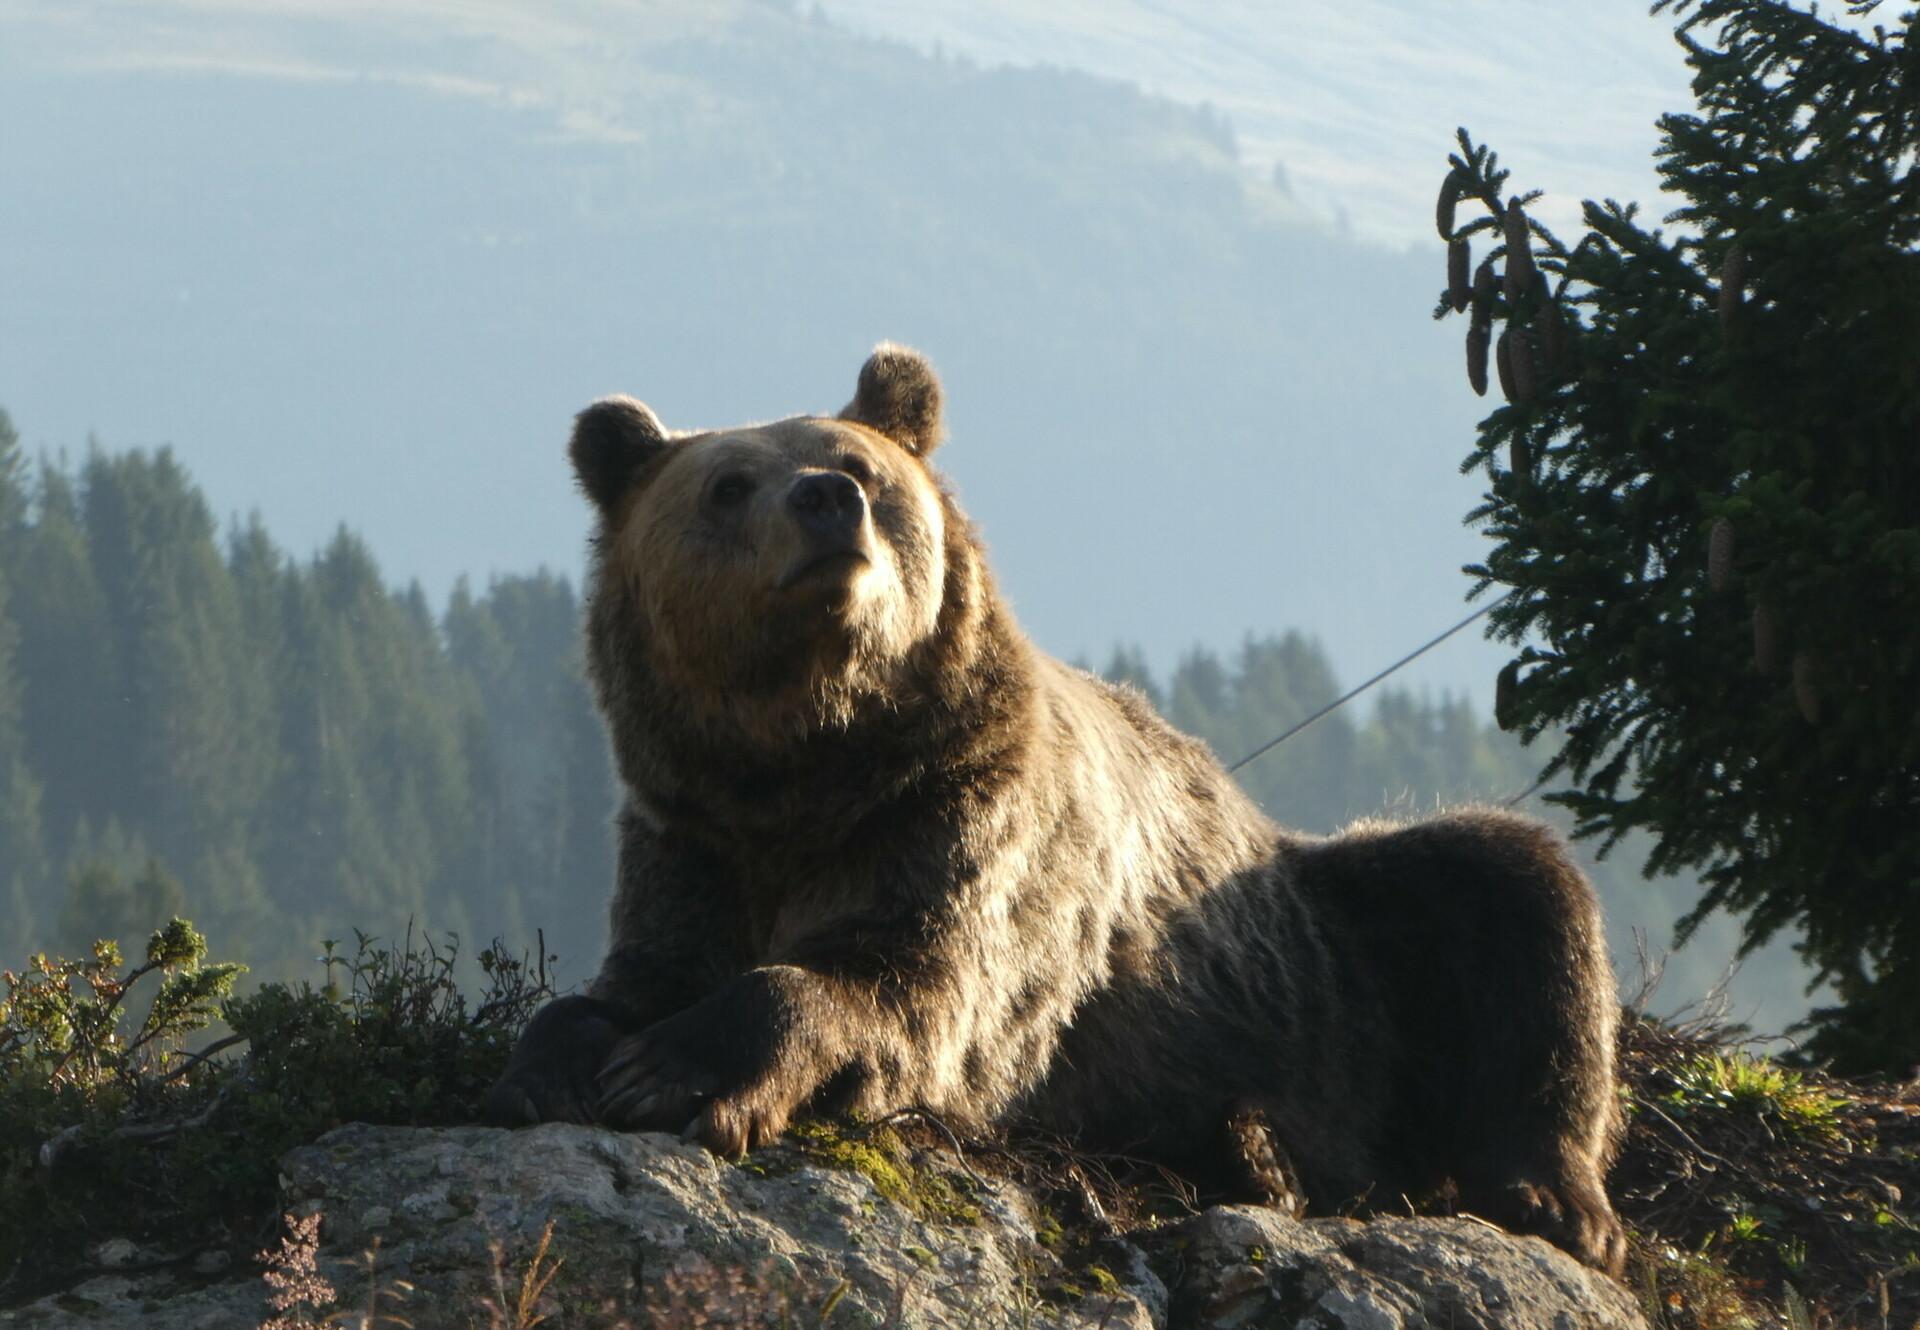 Bear at Bear Sanctuary Arosa